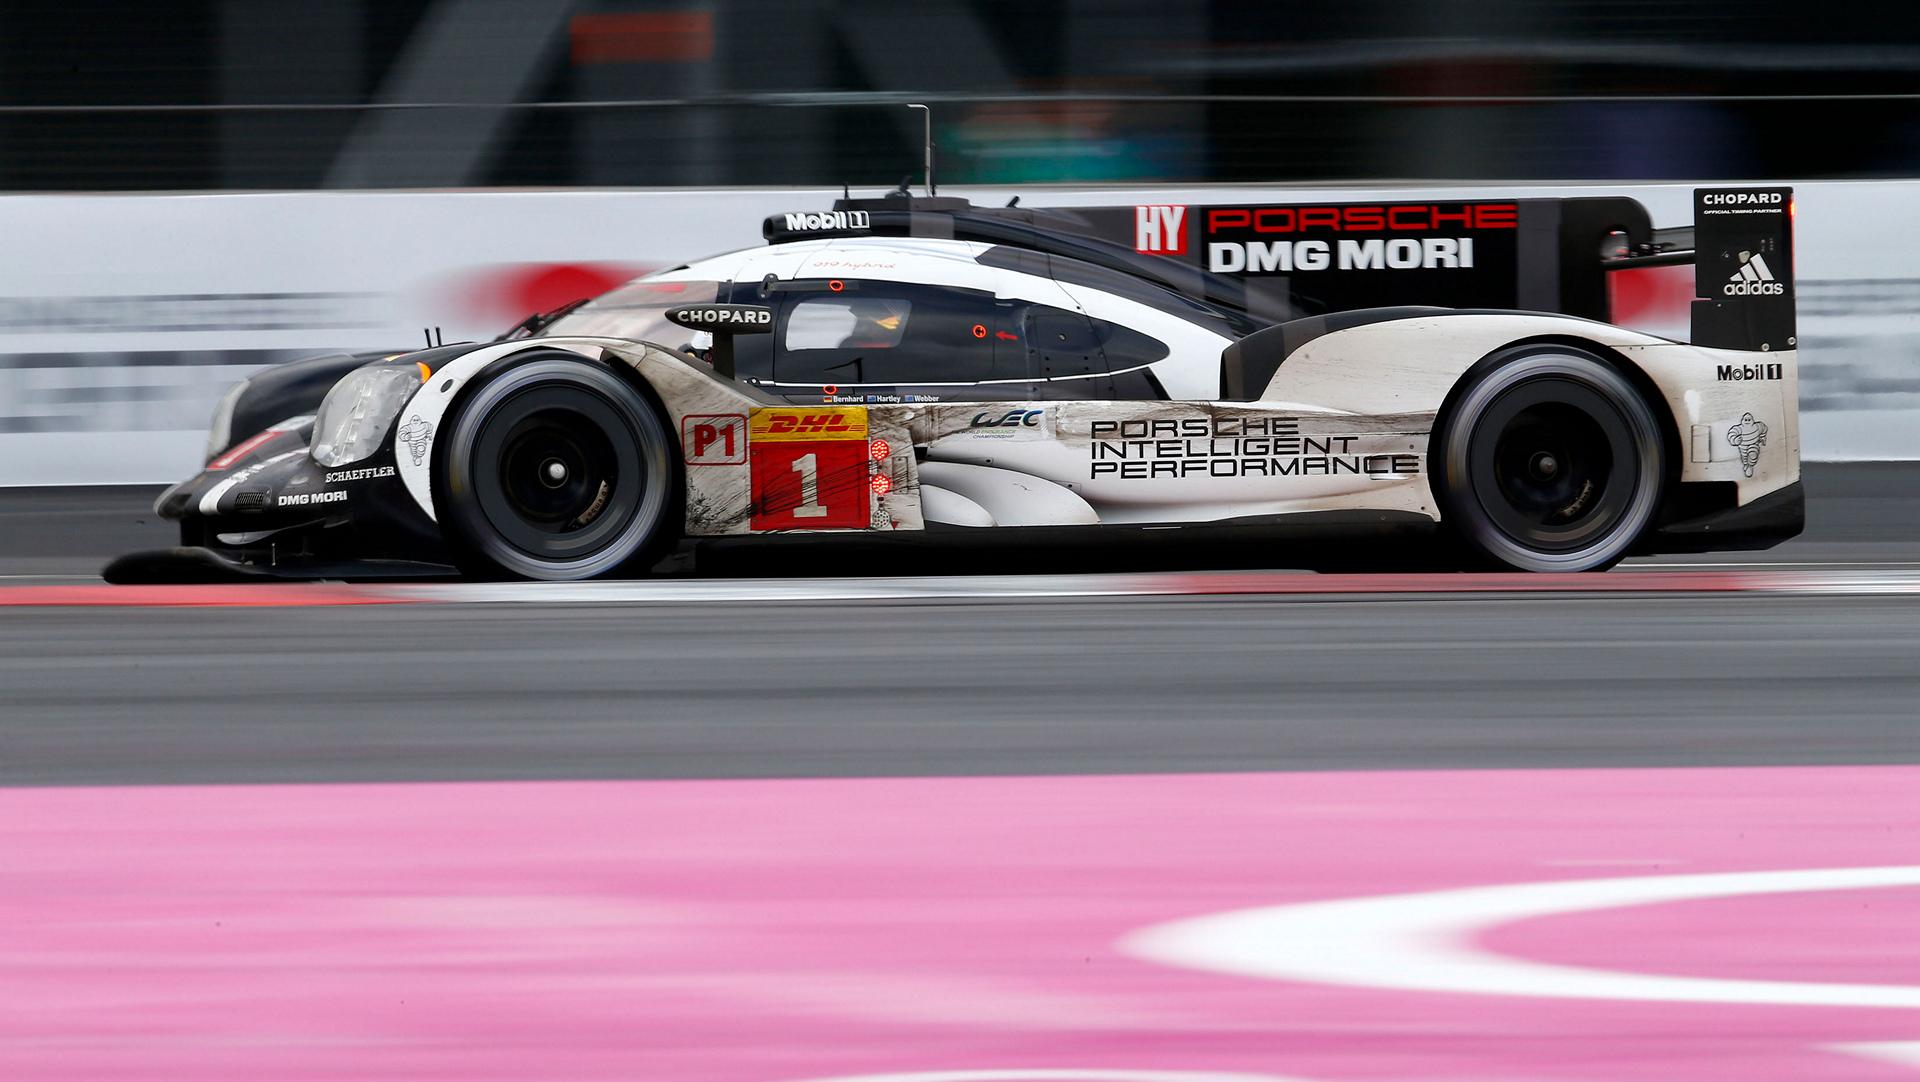 919 Hybrid, WEC © Dr. Ing. h.c. F. Porsche AG